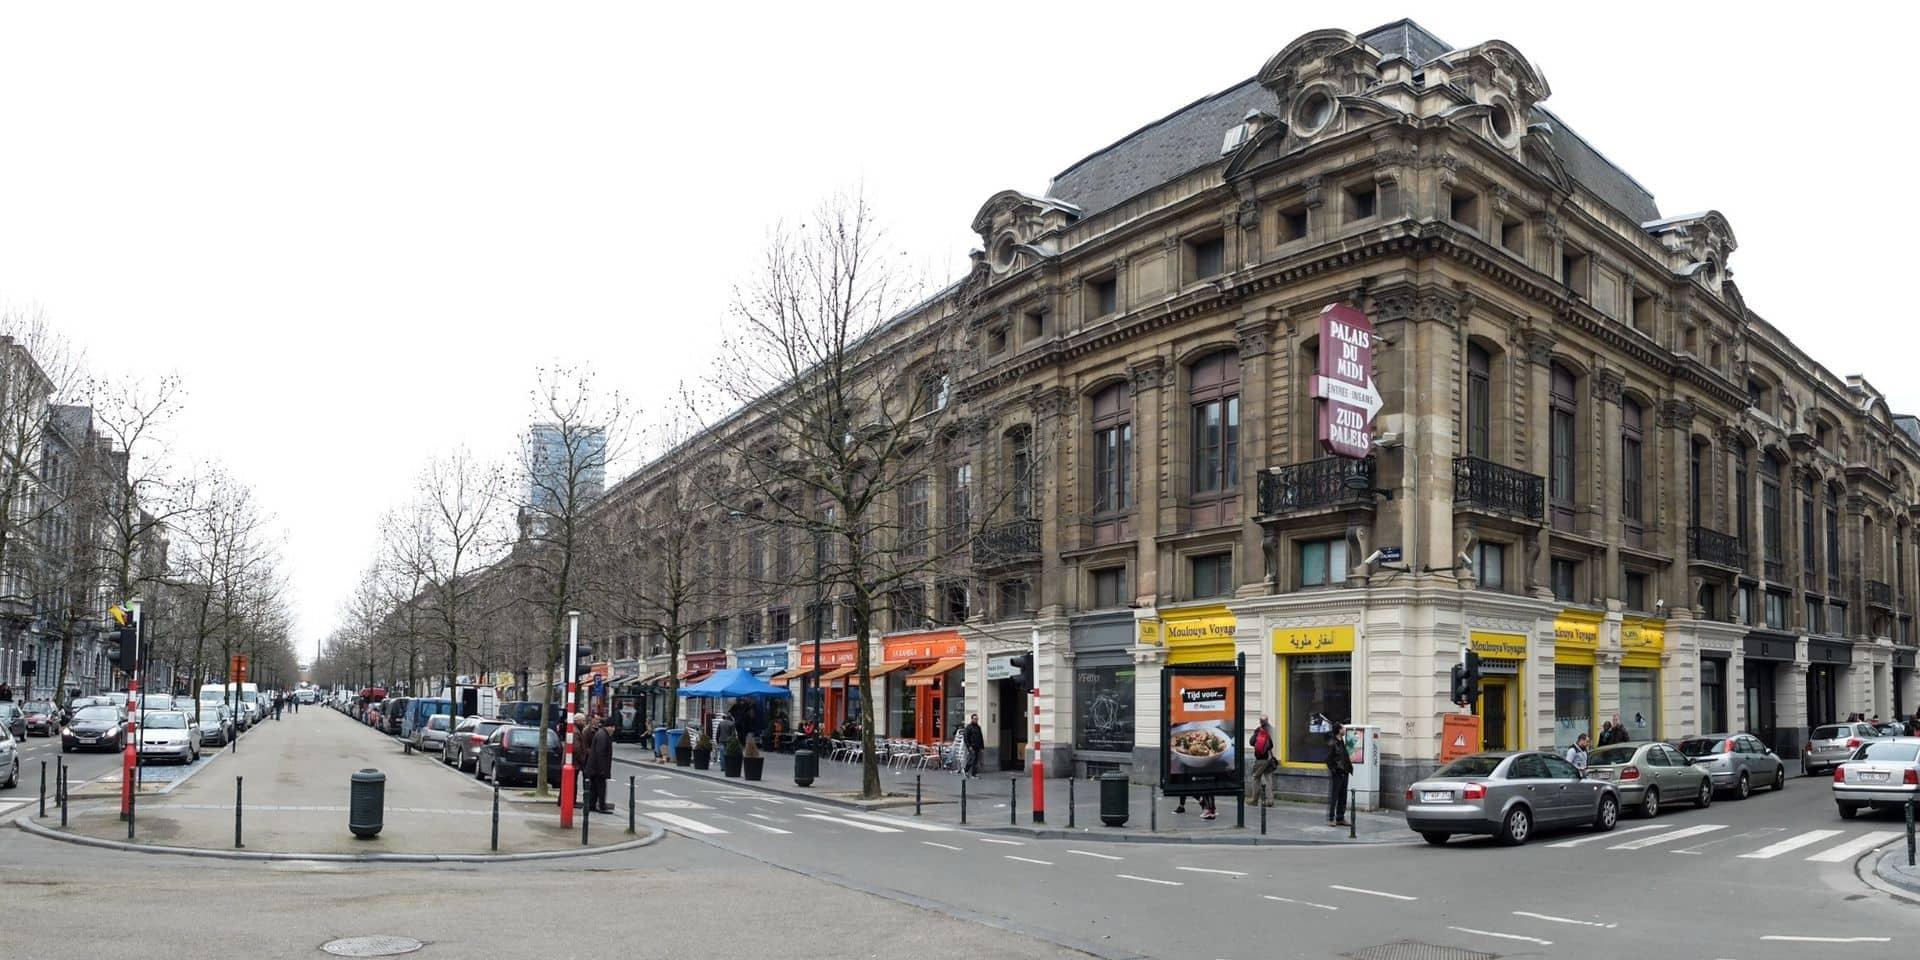 Nouveaux incendies volontaires sur la voie publique dans le centre de Bruxelles